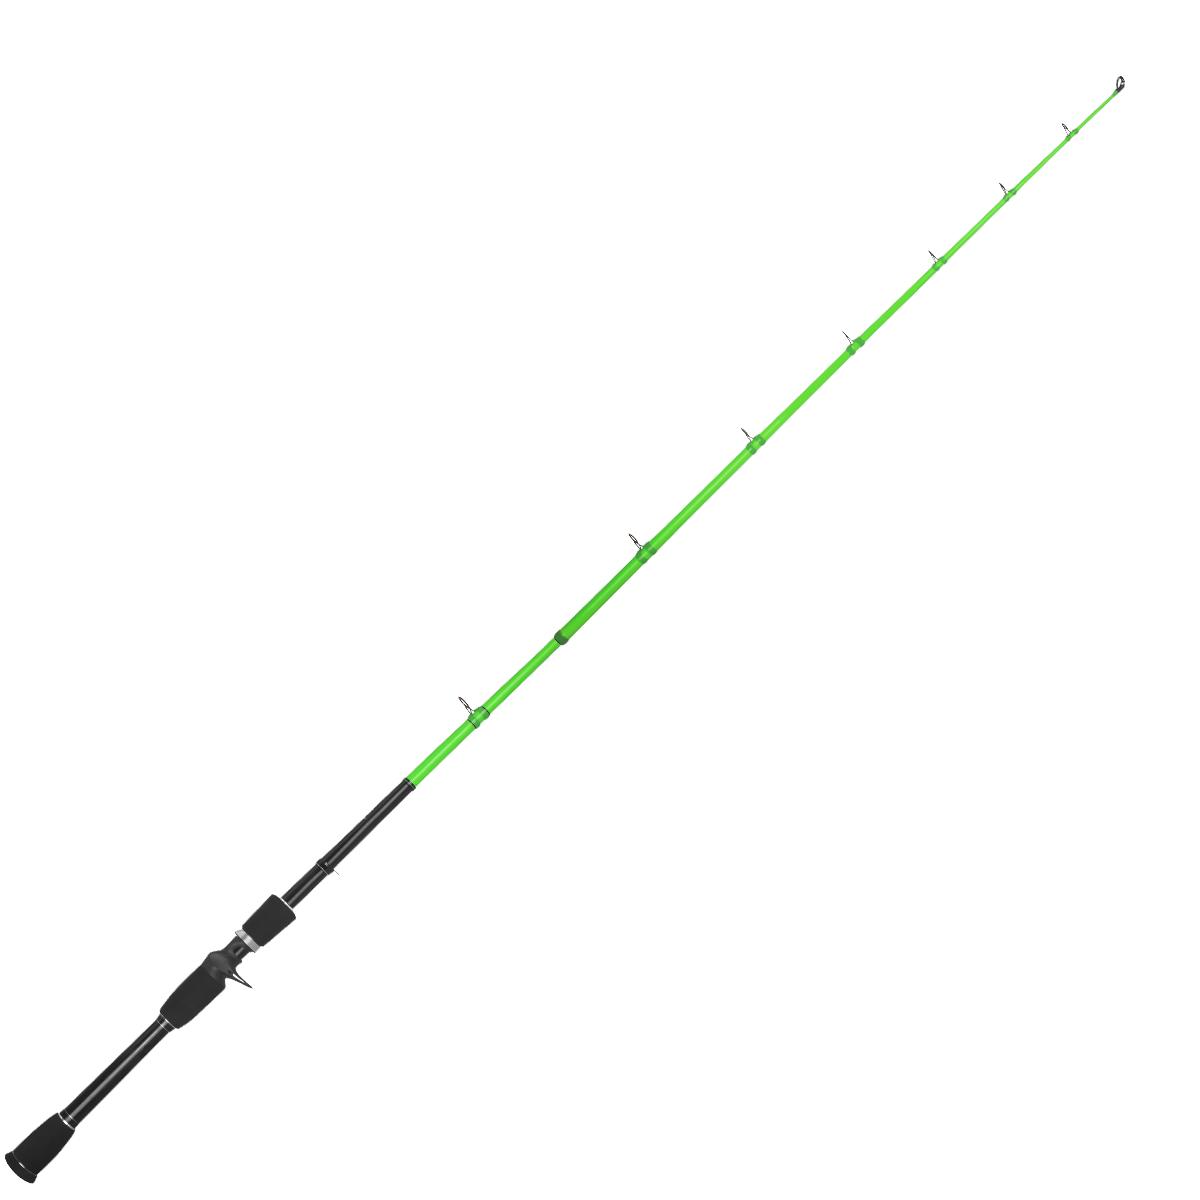 Vara Saint Tambaqui p/ Carretilha 2,25 m 50 lbs (2 partes)  - Pró Pesca Shop